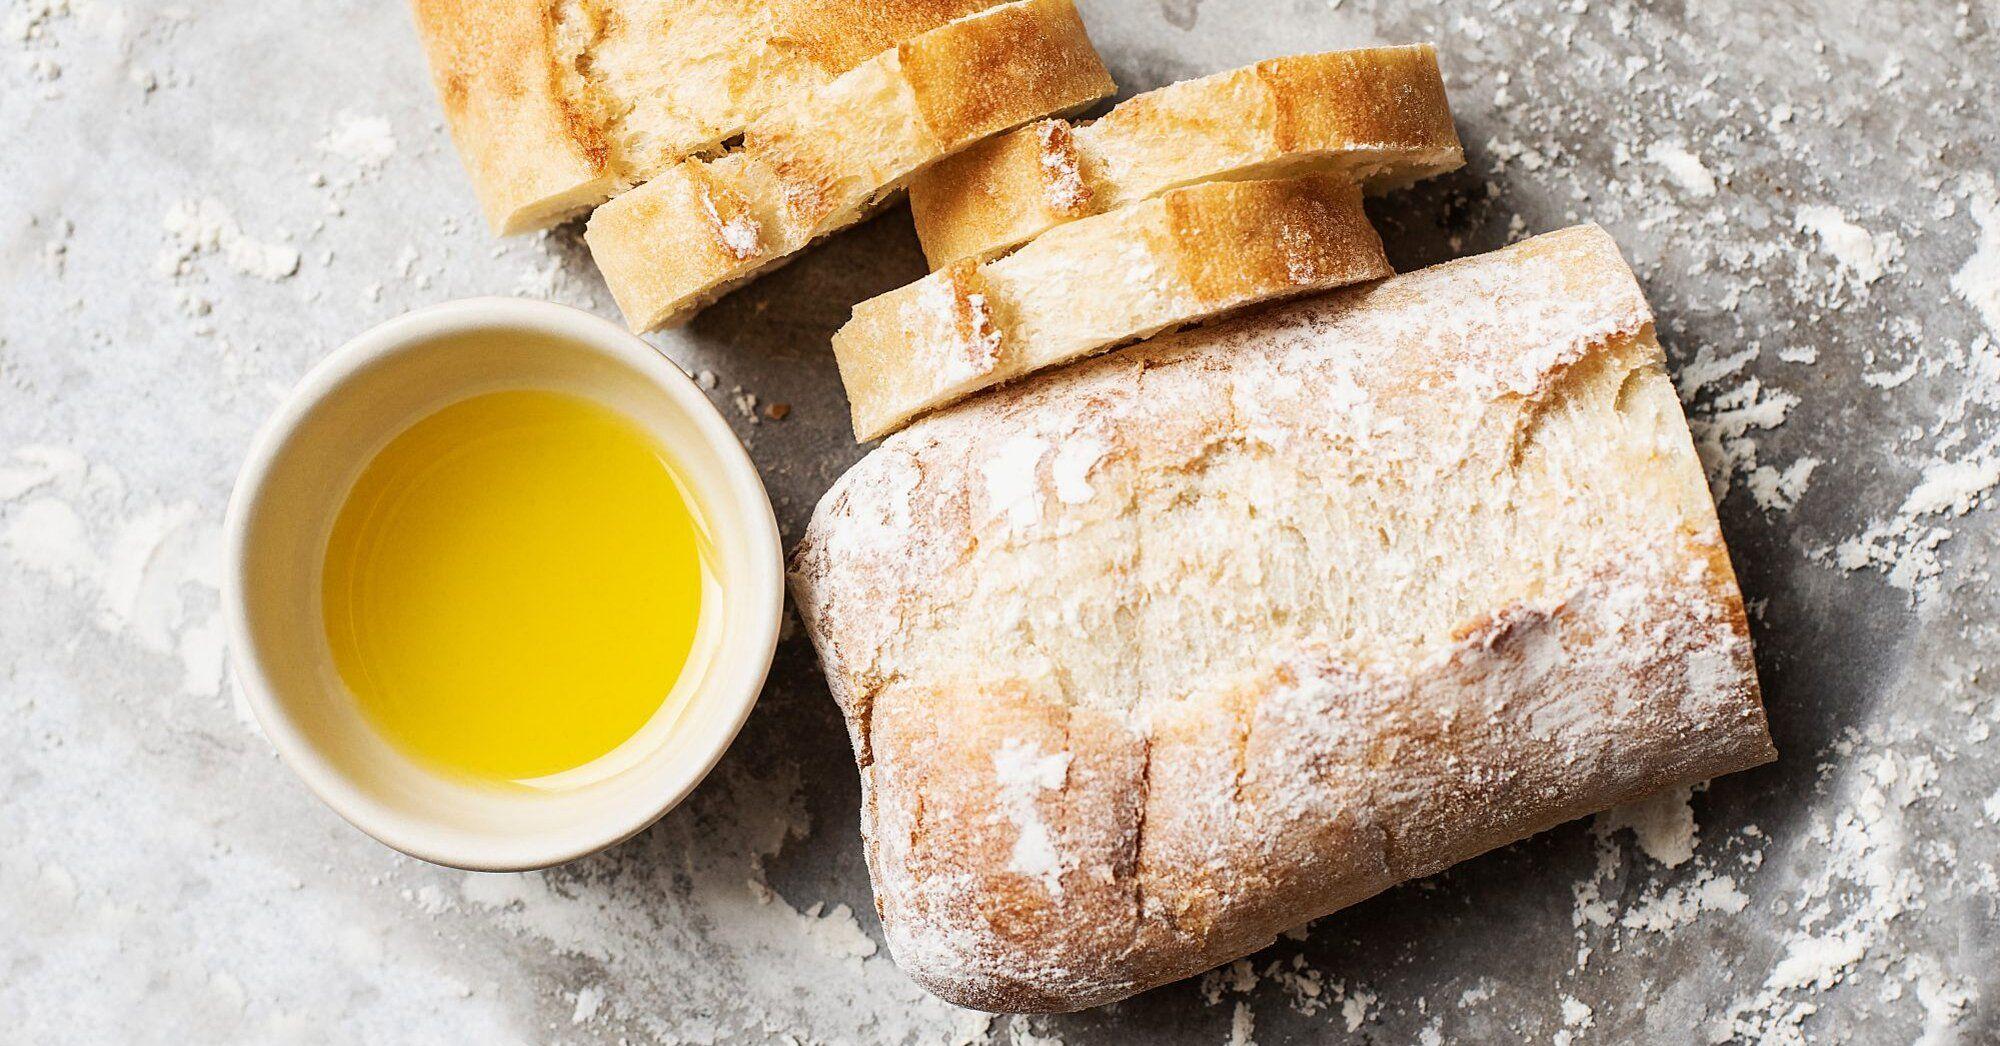 3 Delicious No-Yeast Bread Recipes in 2020 | No yeast ...